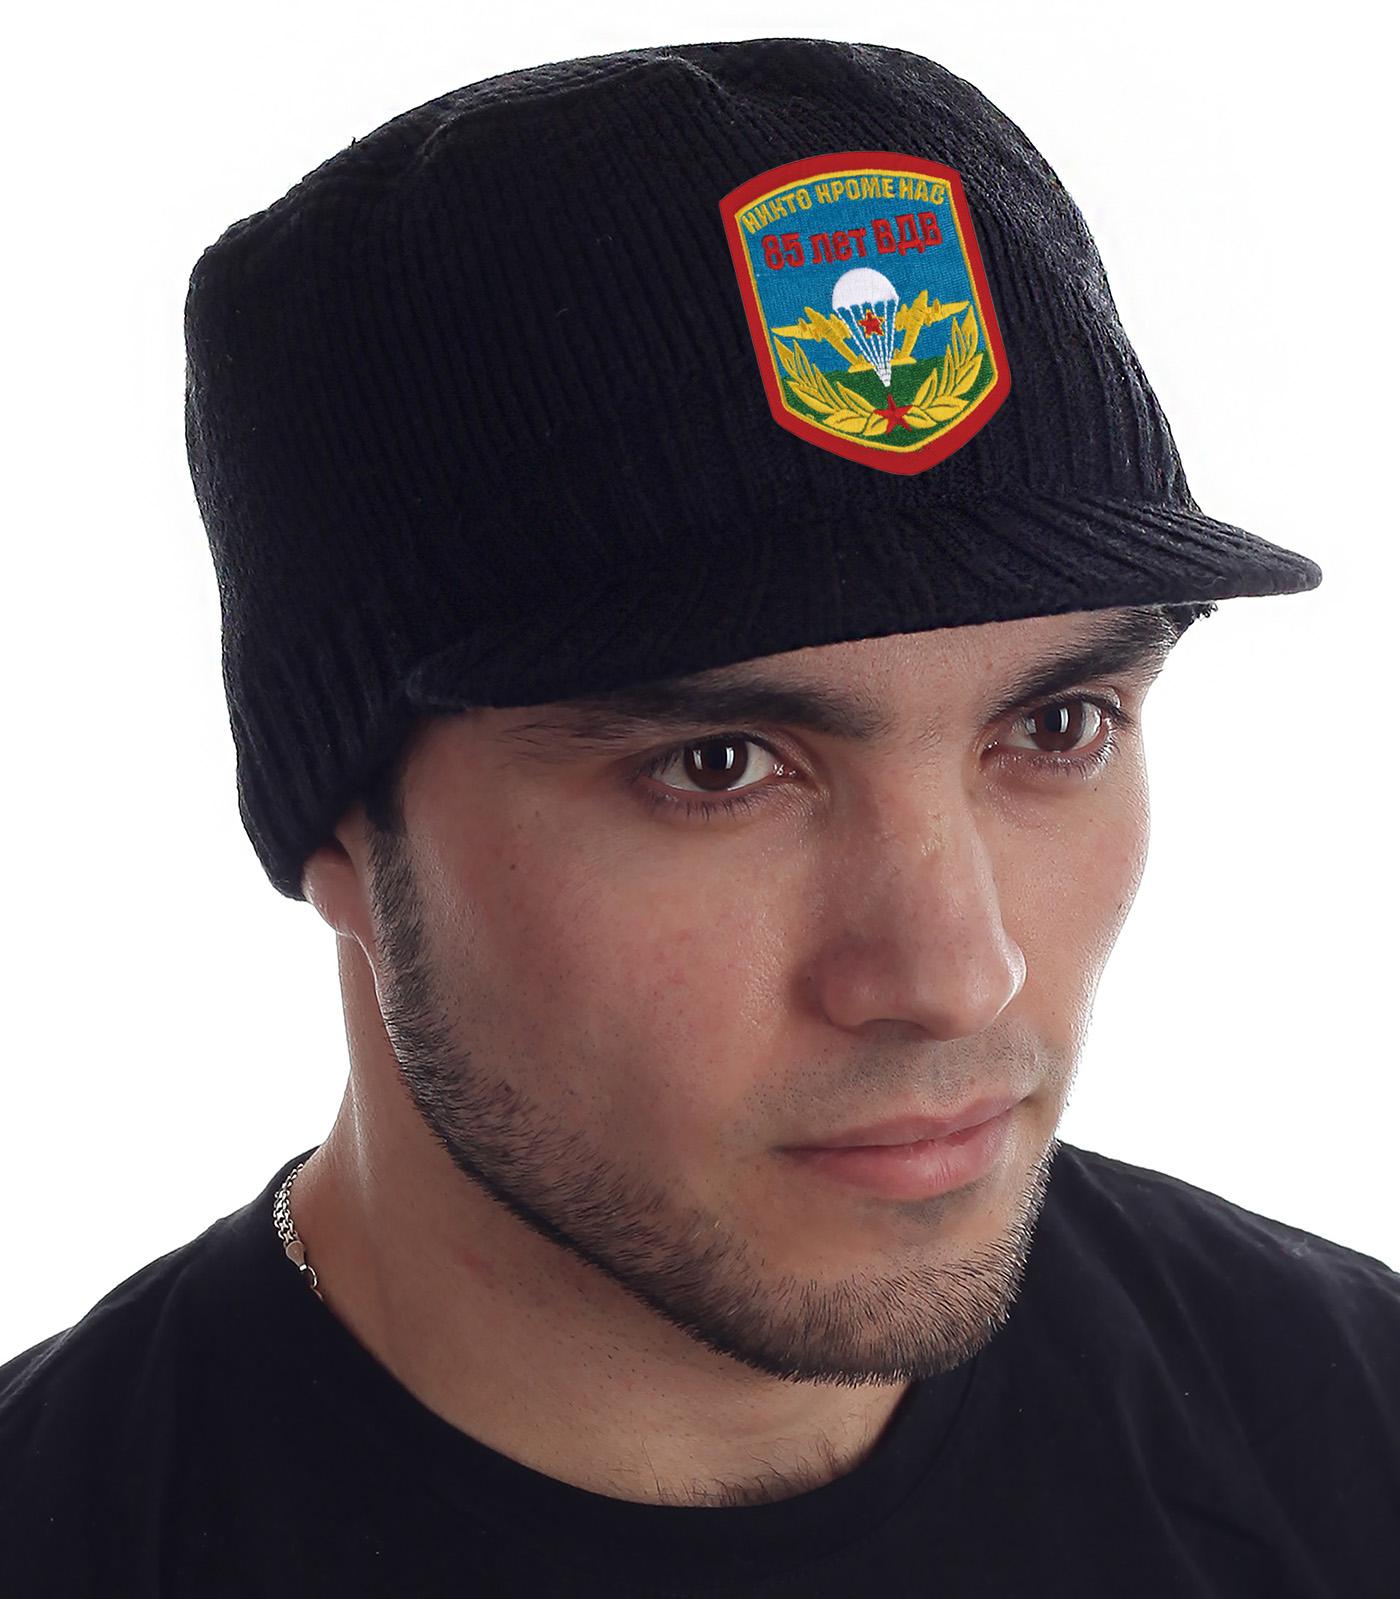 Купить стильную черную шапку-кепку  Miller Way с доставкой в ваш город